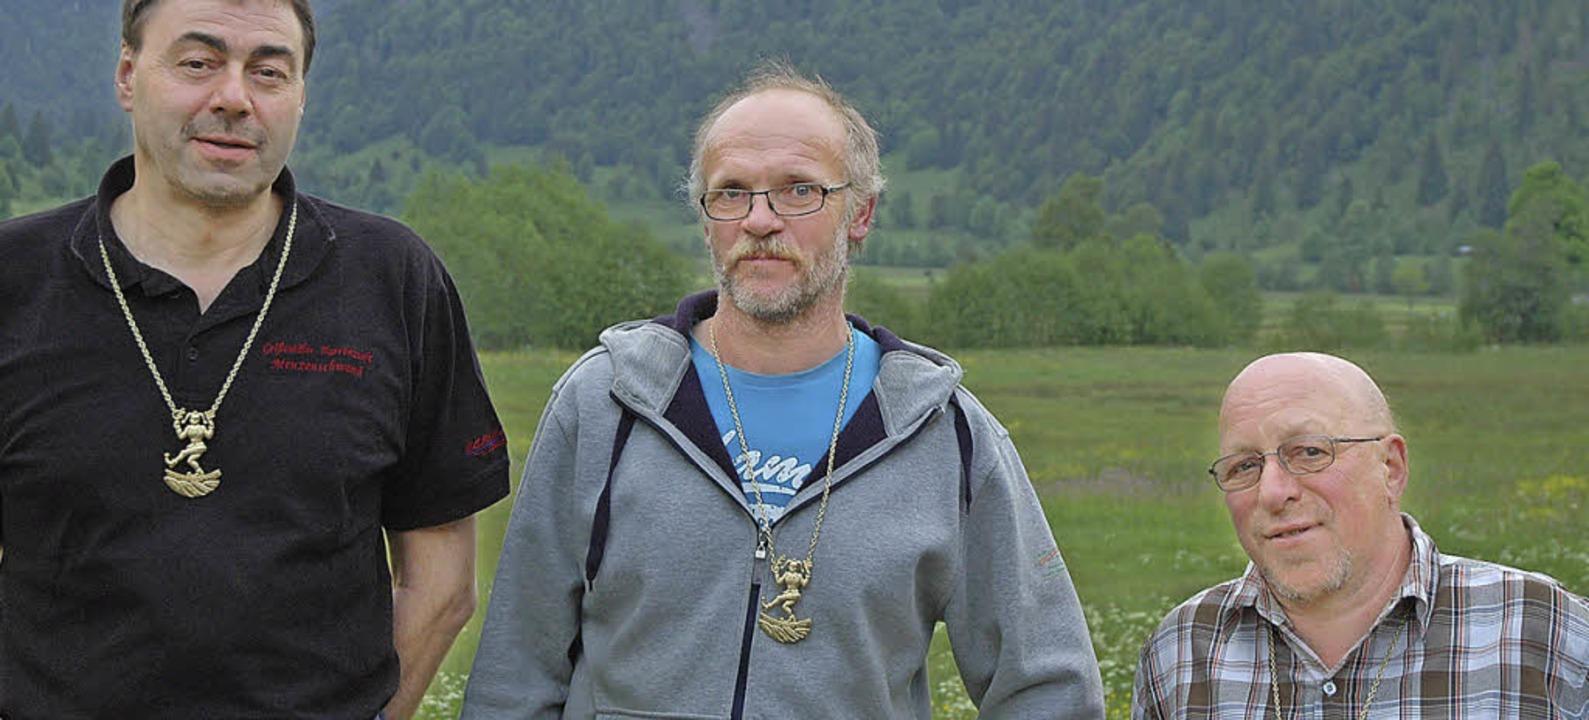 Mit dem goldenen Verbandsorden der Ver...n Schäuble (von links) ausgezeichnet.   | Foto: Christiane Sahli